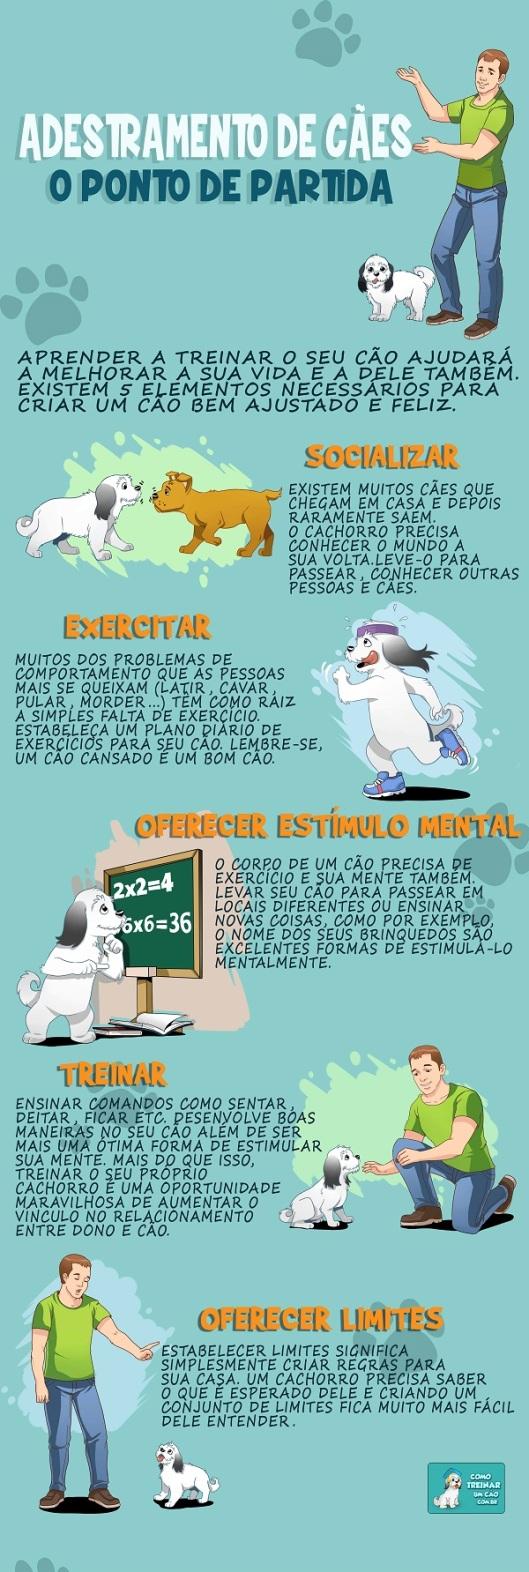 Adestramento de Cães - infografo 600px